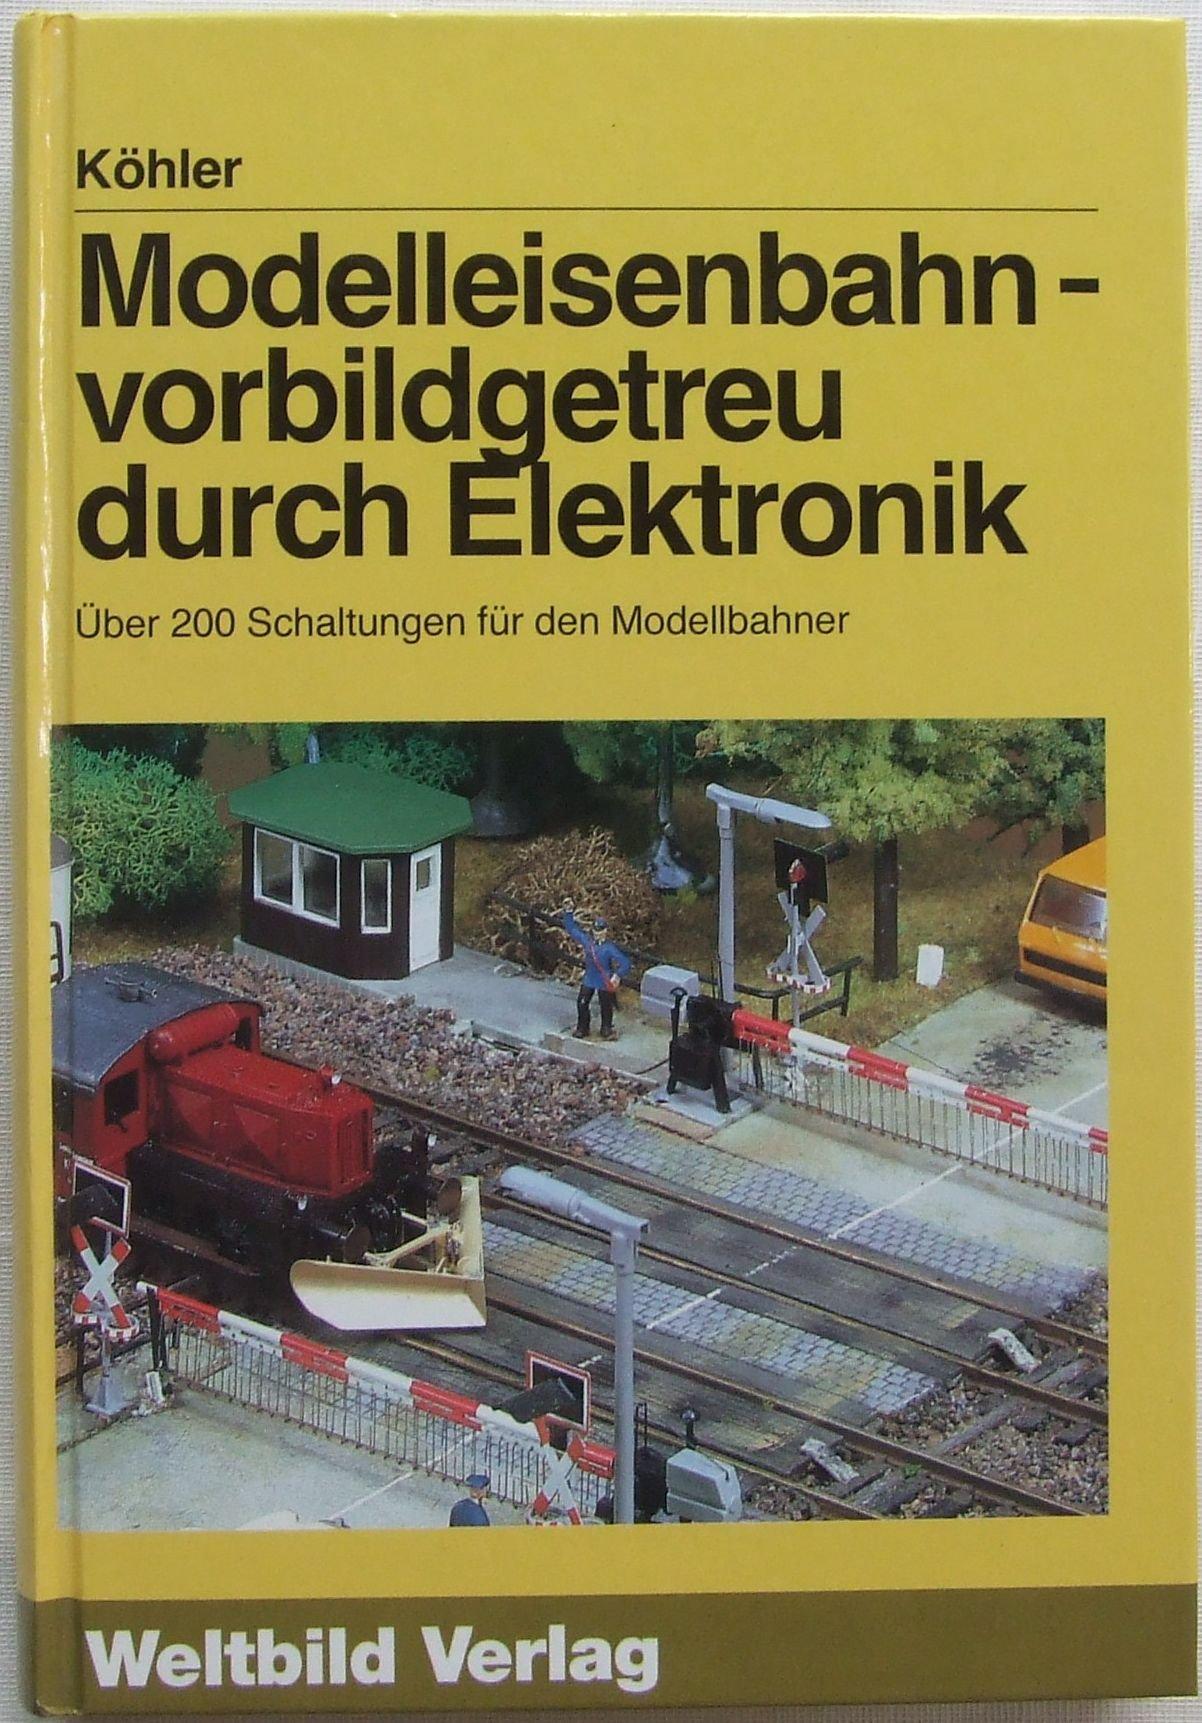 Modelleisenbahn: vorbildgetreu durch Elektronik. Über 200 Schaltungen für den Modellbahner